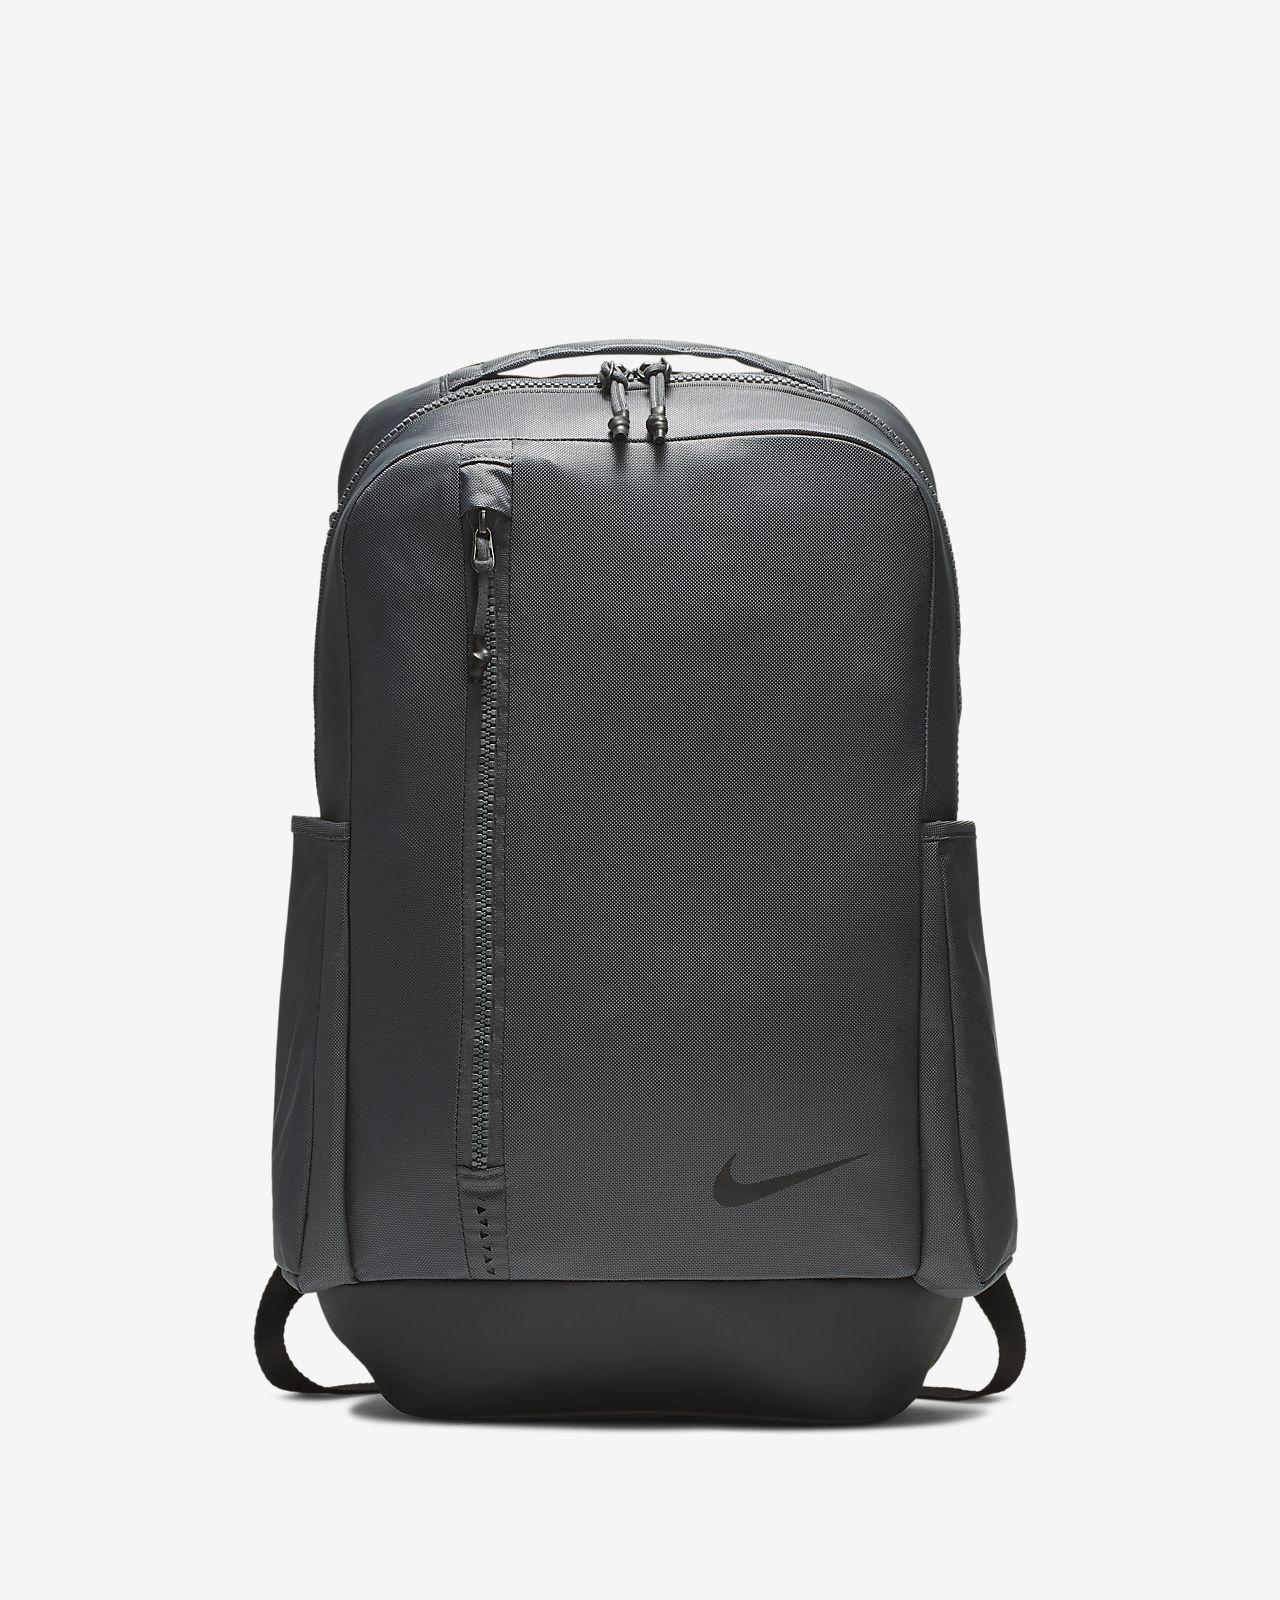 d7ea880891a7 Рюкзак для тренинга Nike Vapor Power 2.0. Nike.com RU